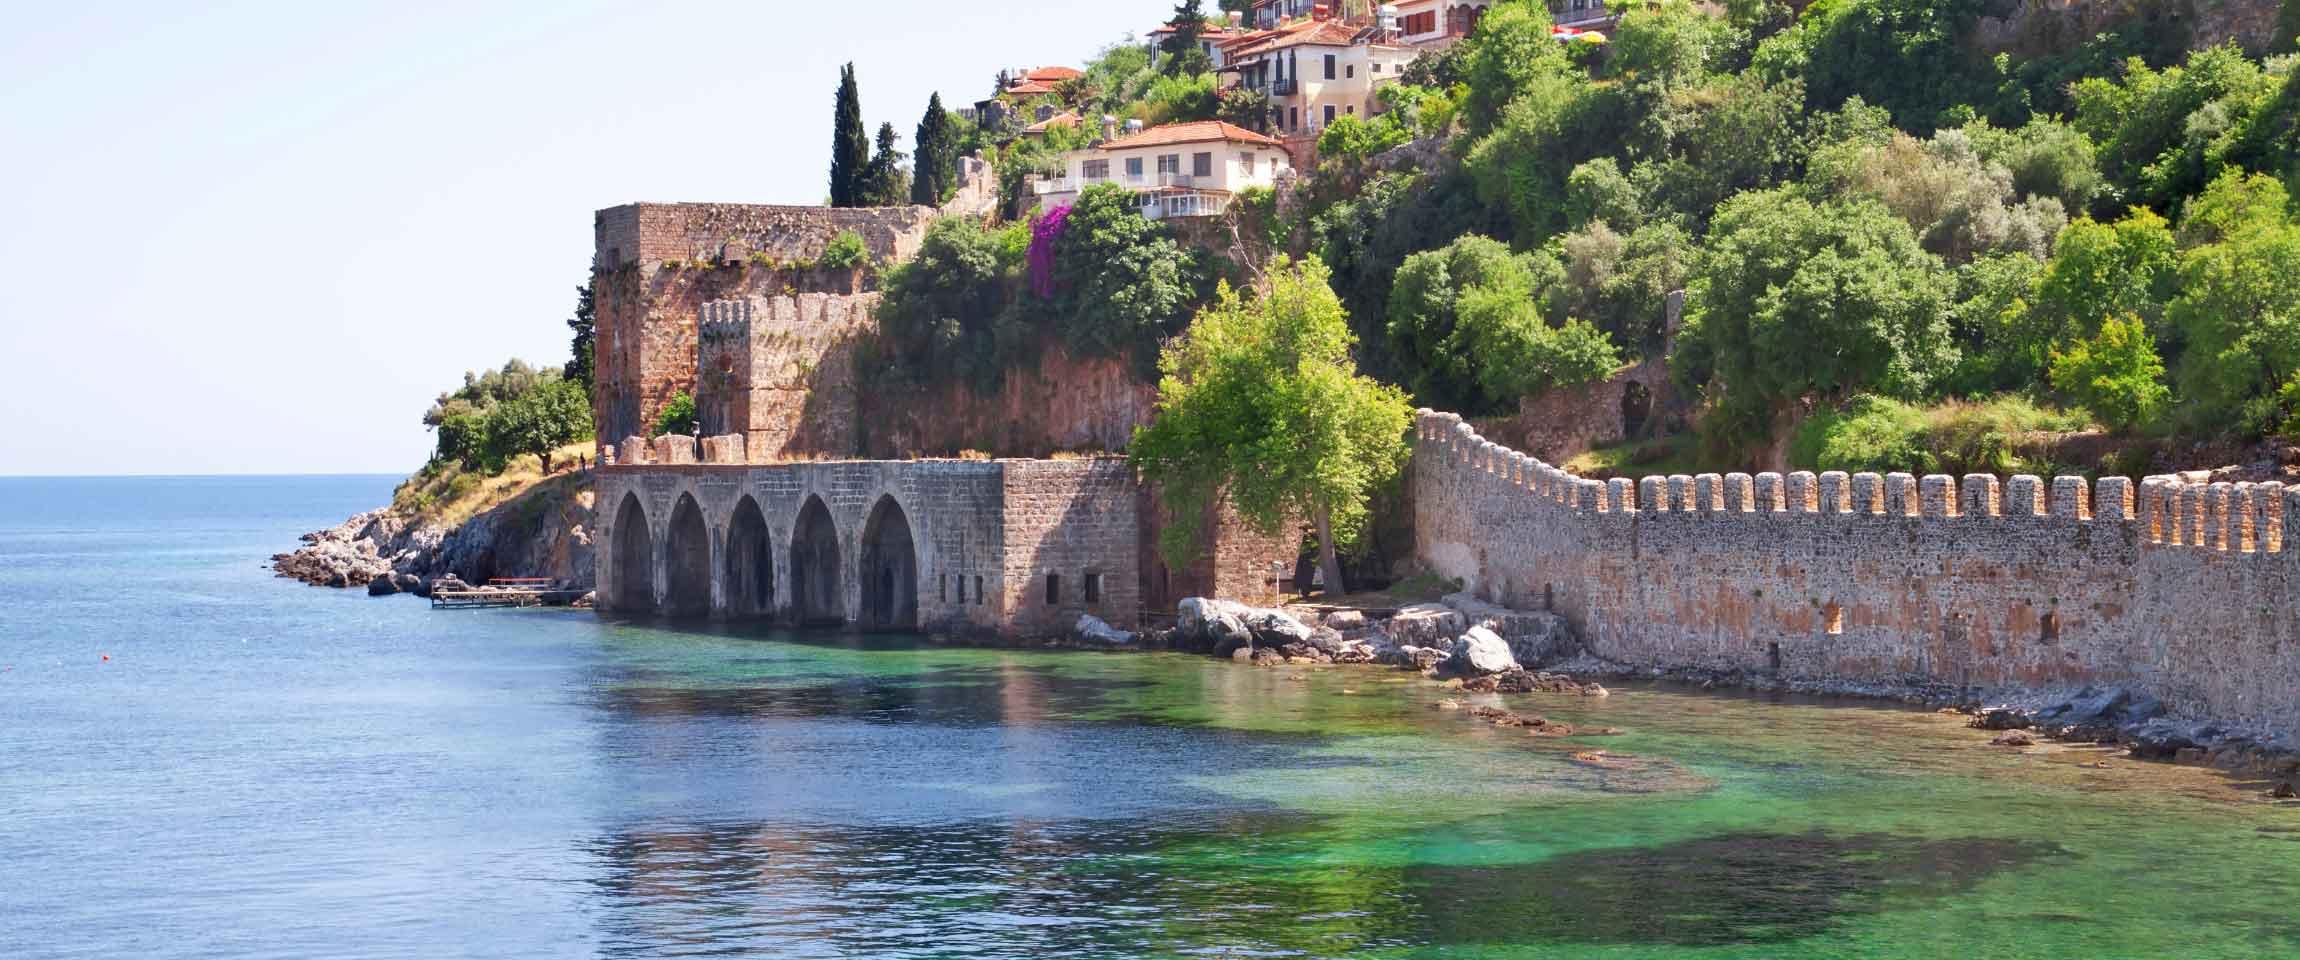 Antalya Amp Lara Urlaub Reisen Sie Mit Eti In Die T 252 Rkei